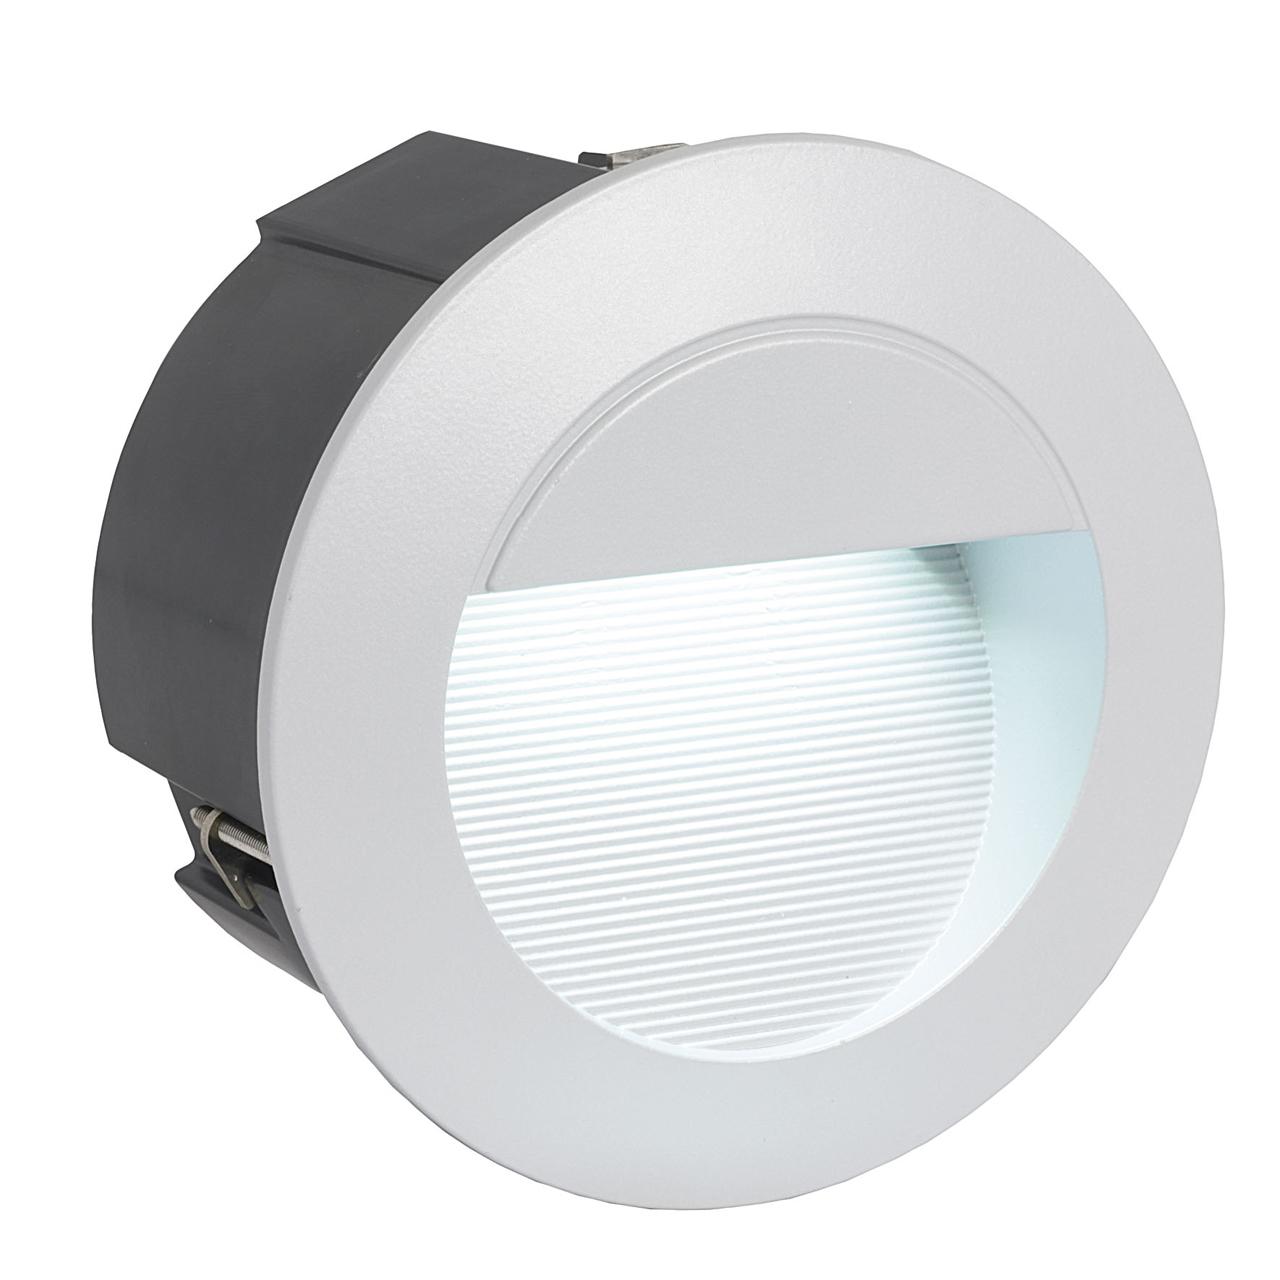 Уличный светильник Eglo Zimba-Led 95233 коннектор eglo led stripes module 92326